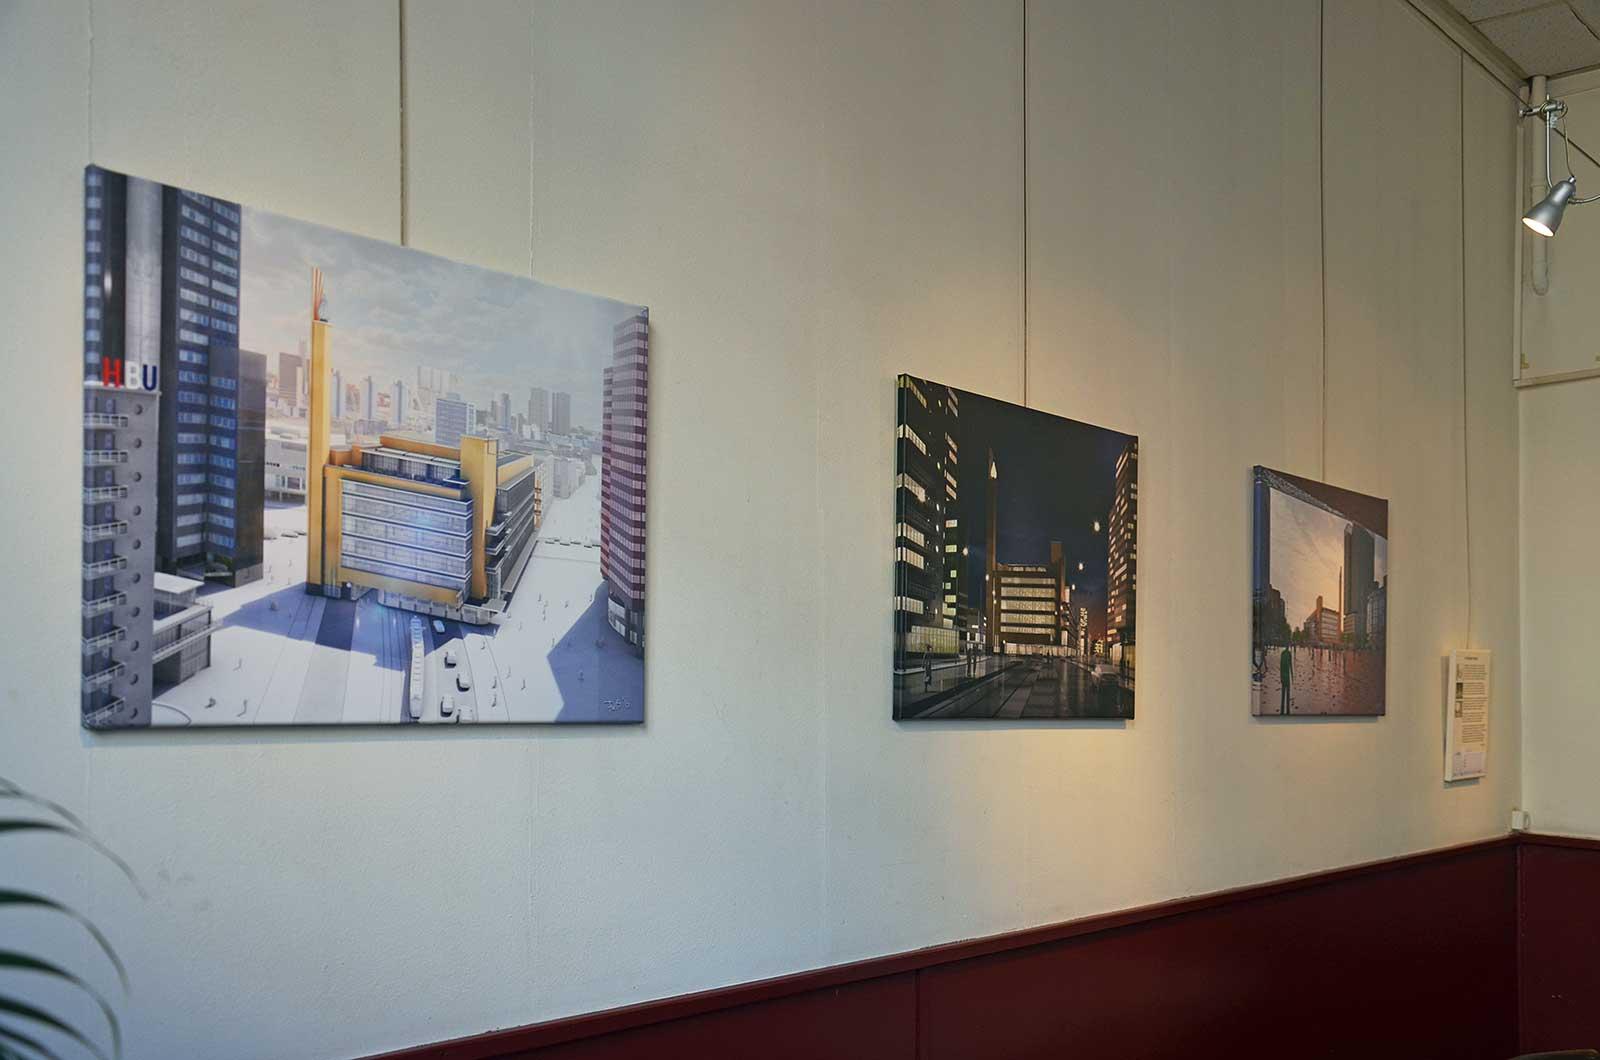 Tentoonstelling van afbeeldingen van Dudok's Bijenkorf bij het Nivon in Rotterdam